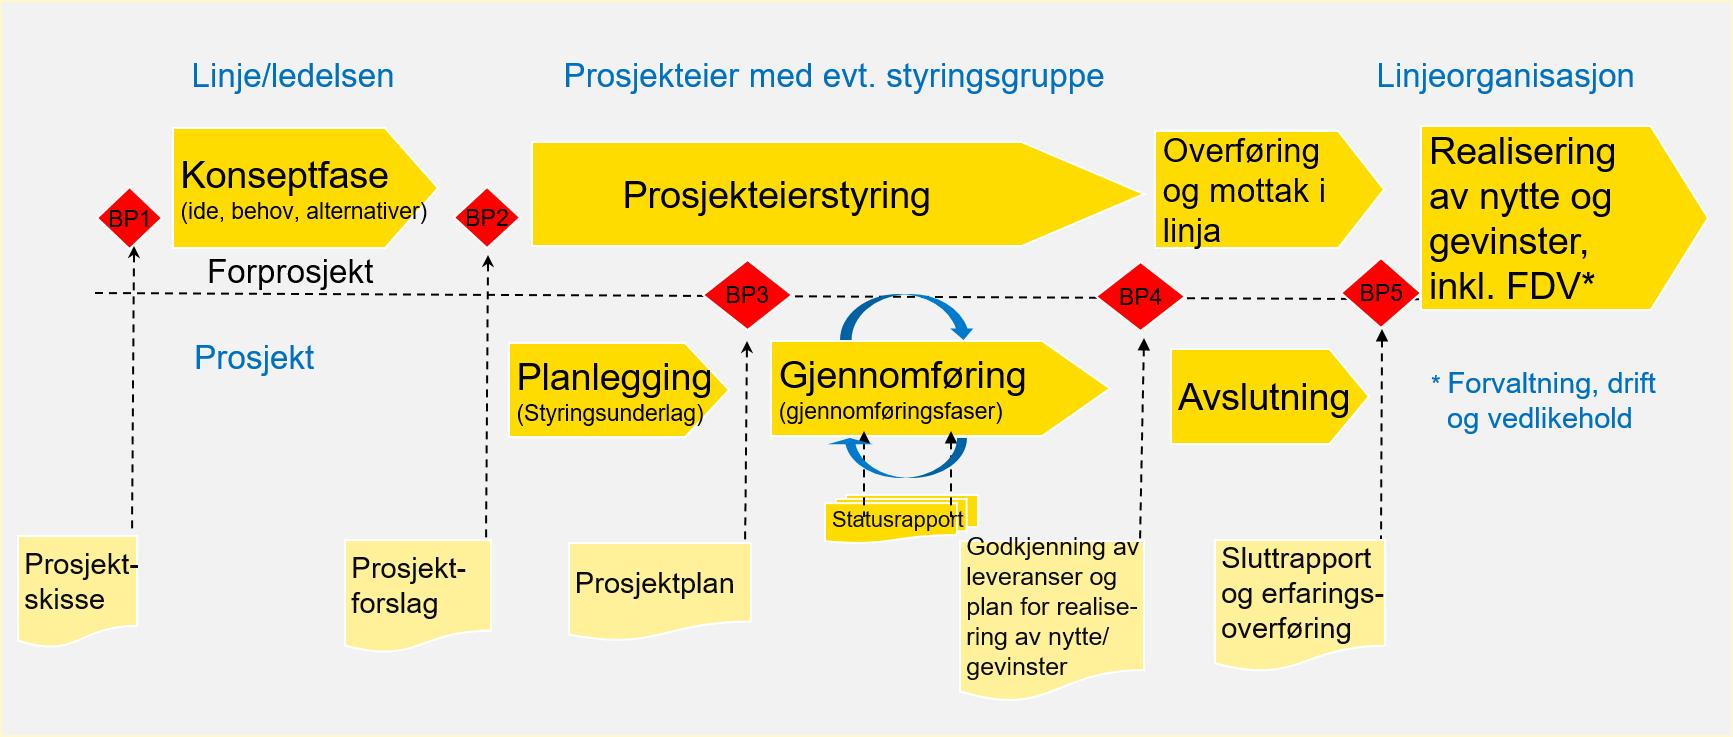 Bildet viser den overordnede prosjektmodellen med faser, beslutningspunkter og styrende dokumenter (prosjektledelsesdokumenter).